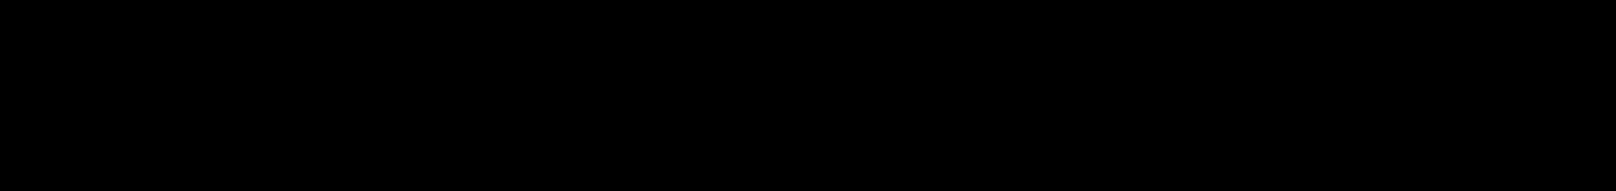 Cohort Black Italic